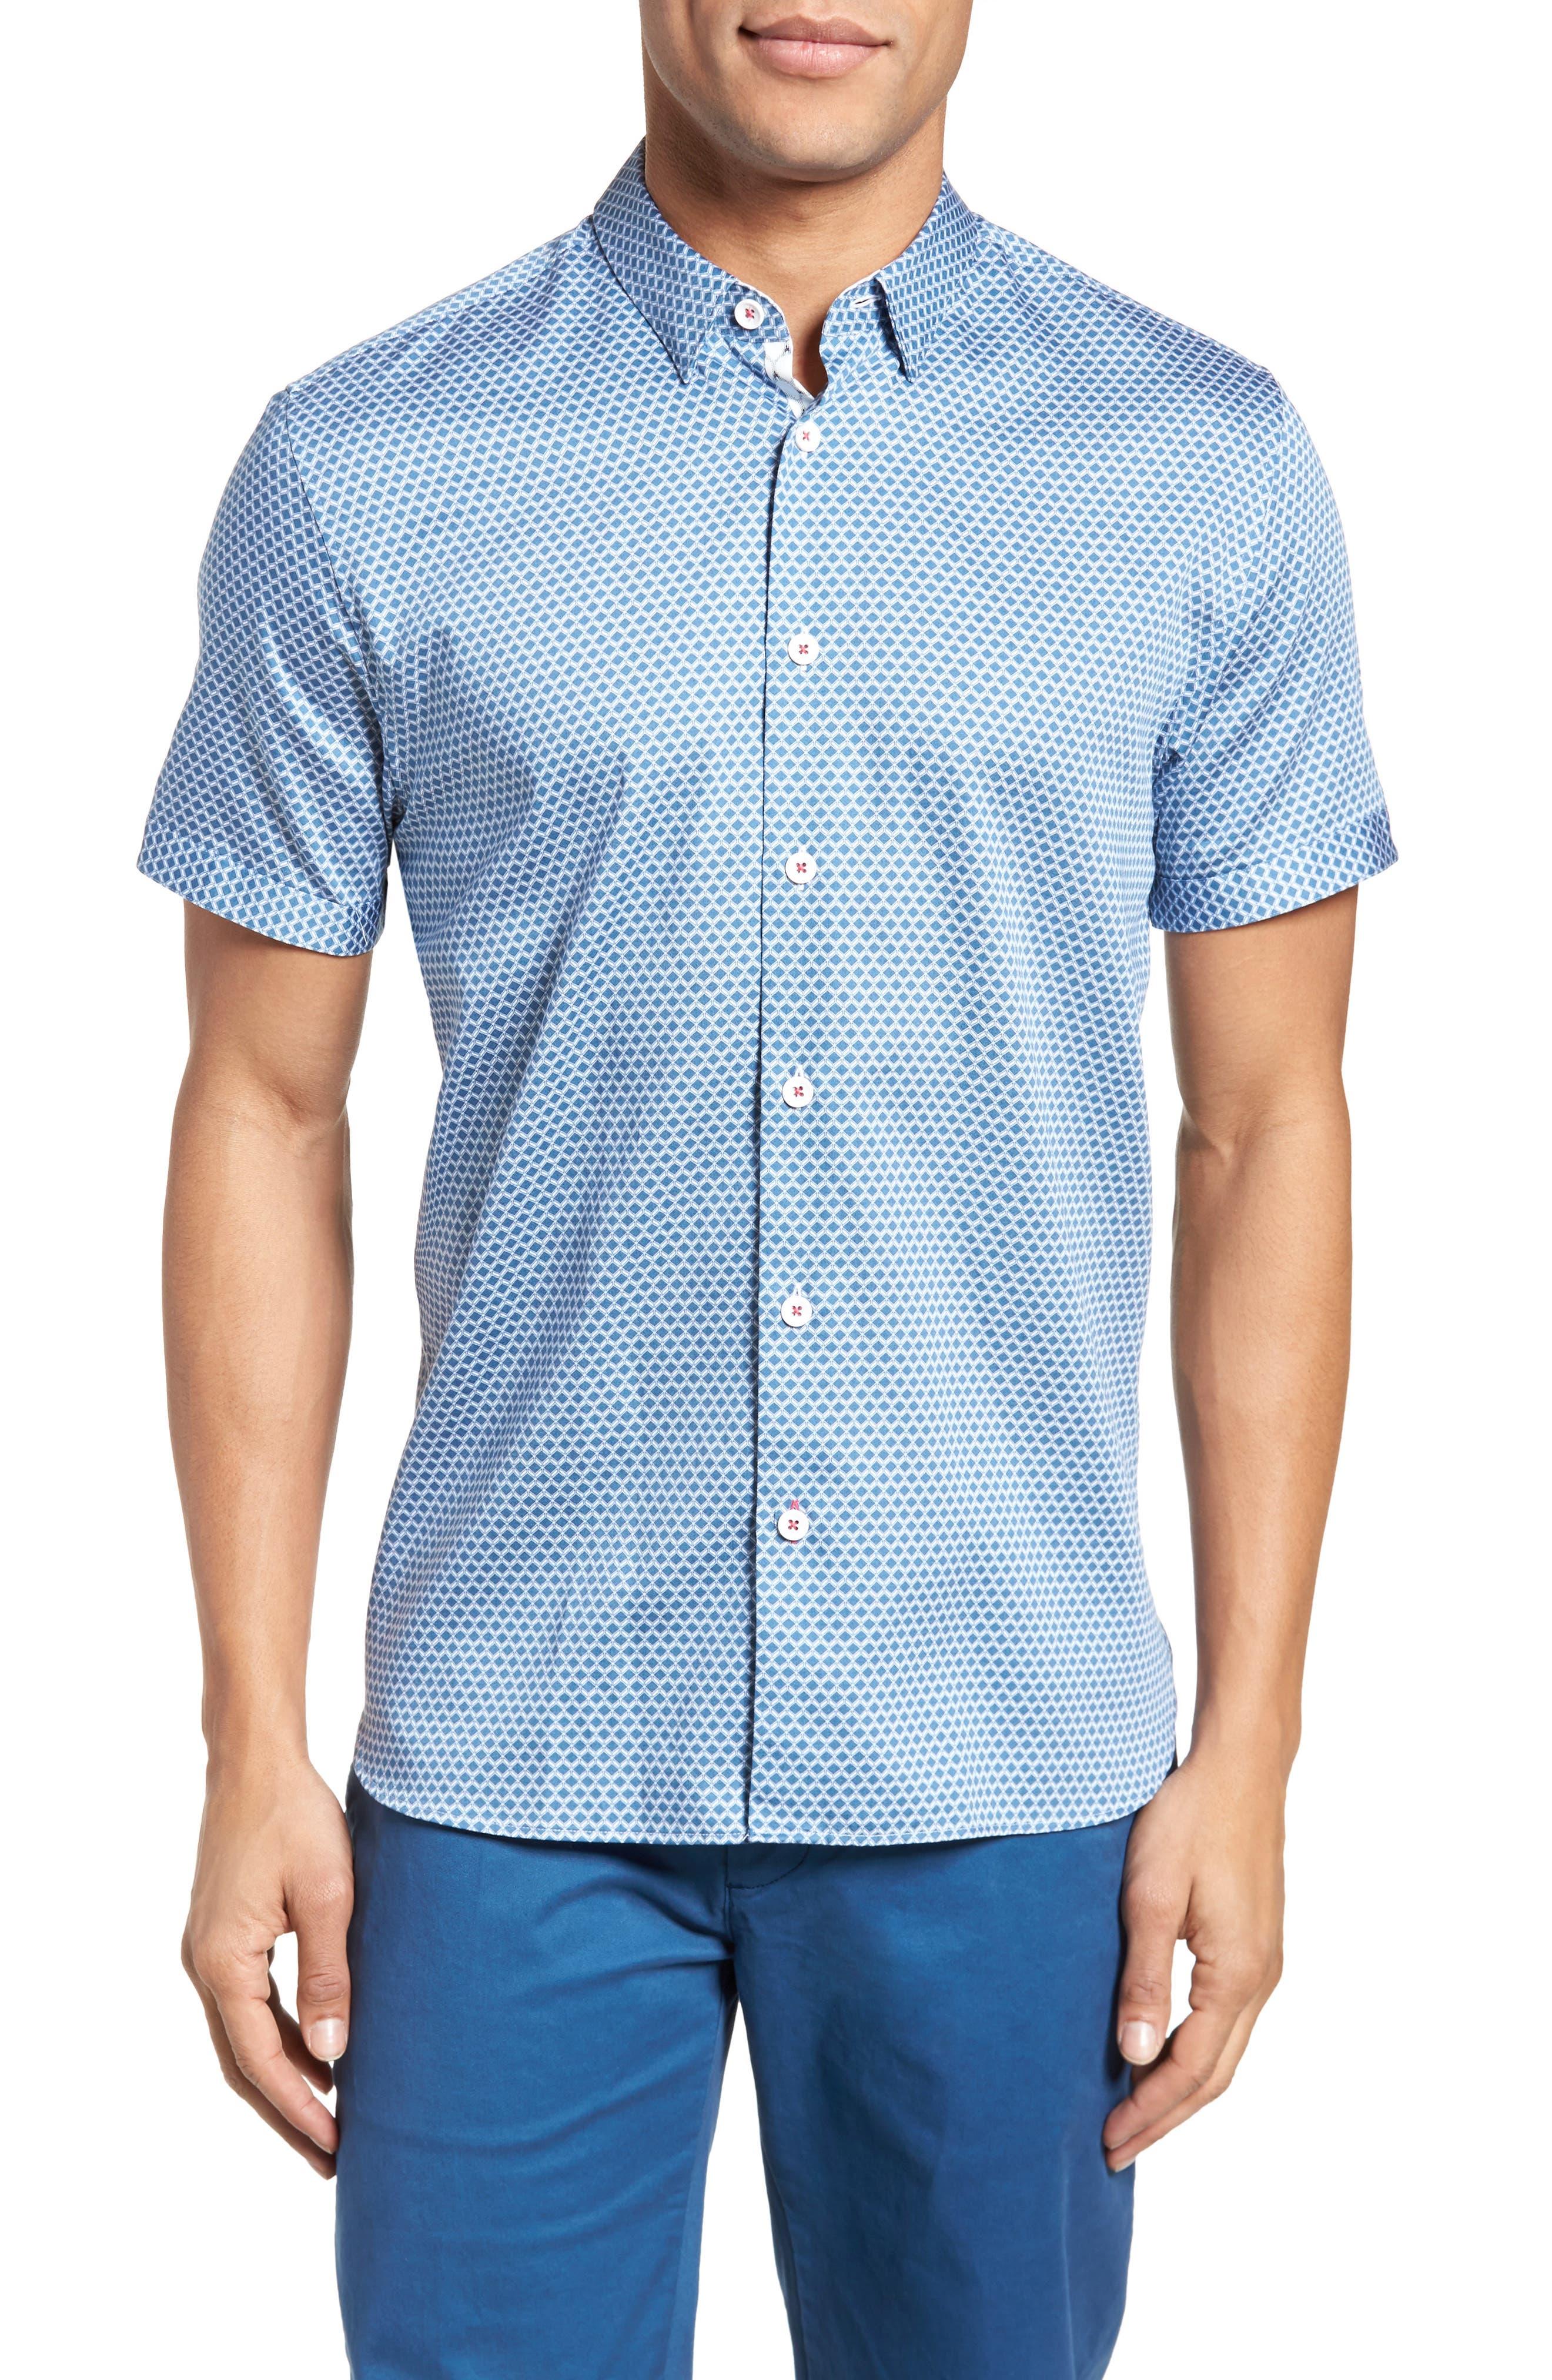 Gudvutt Short Sleeve Sport Shirt,                         Main,                         color, 400